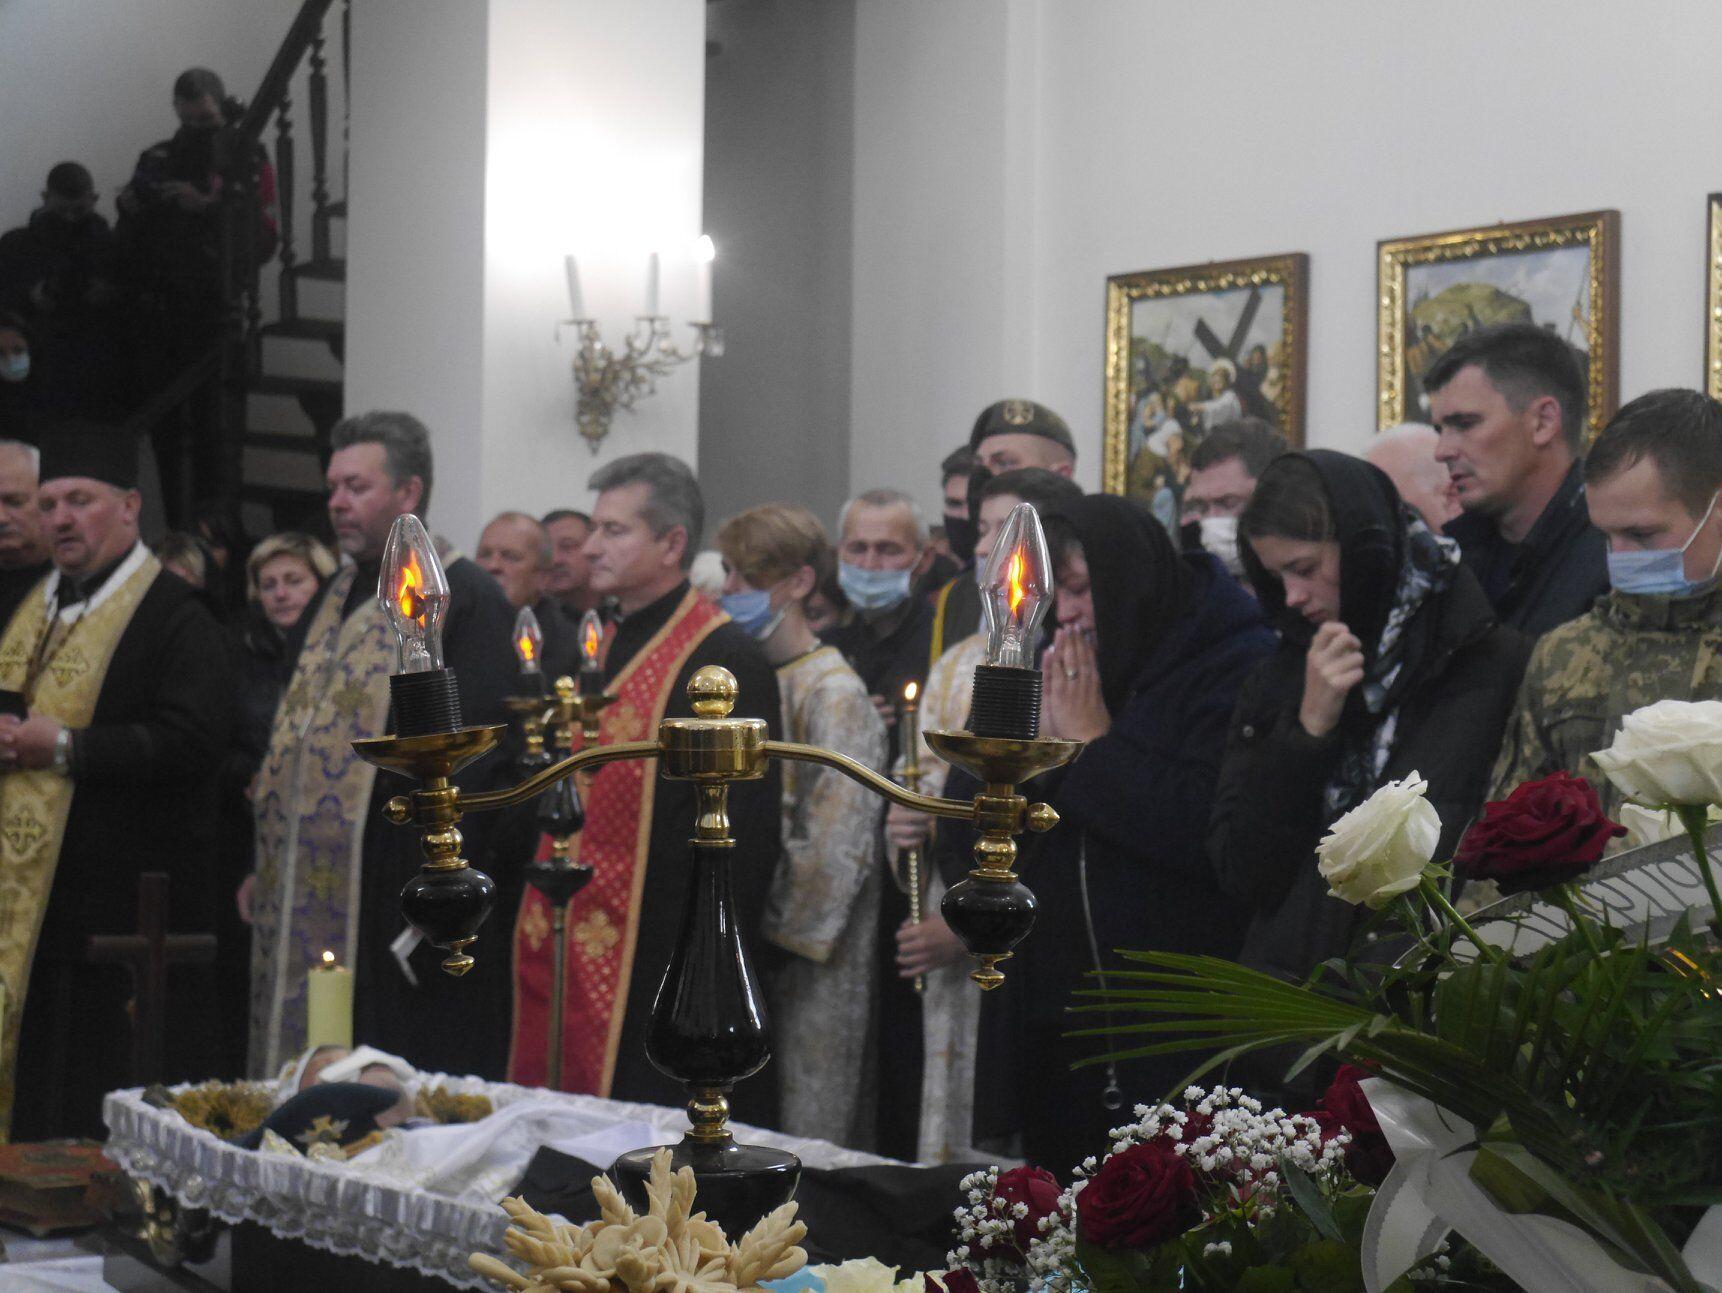 Через смерть курсанта 30 вересня було оголошено Днем жалоби в Сокальському районі Львівщини.